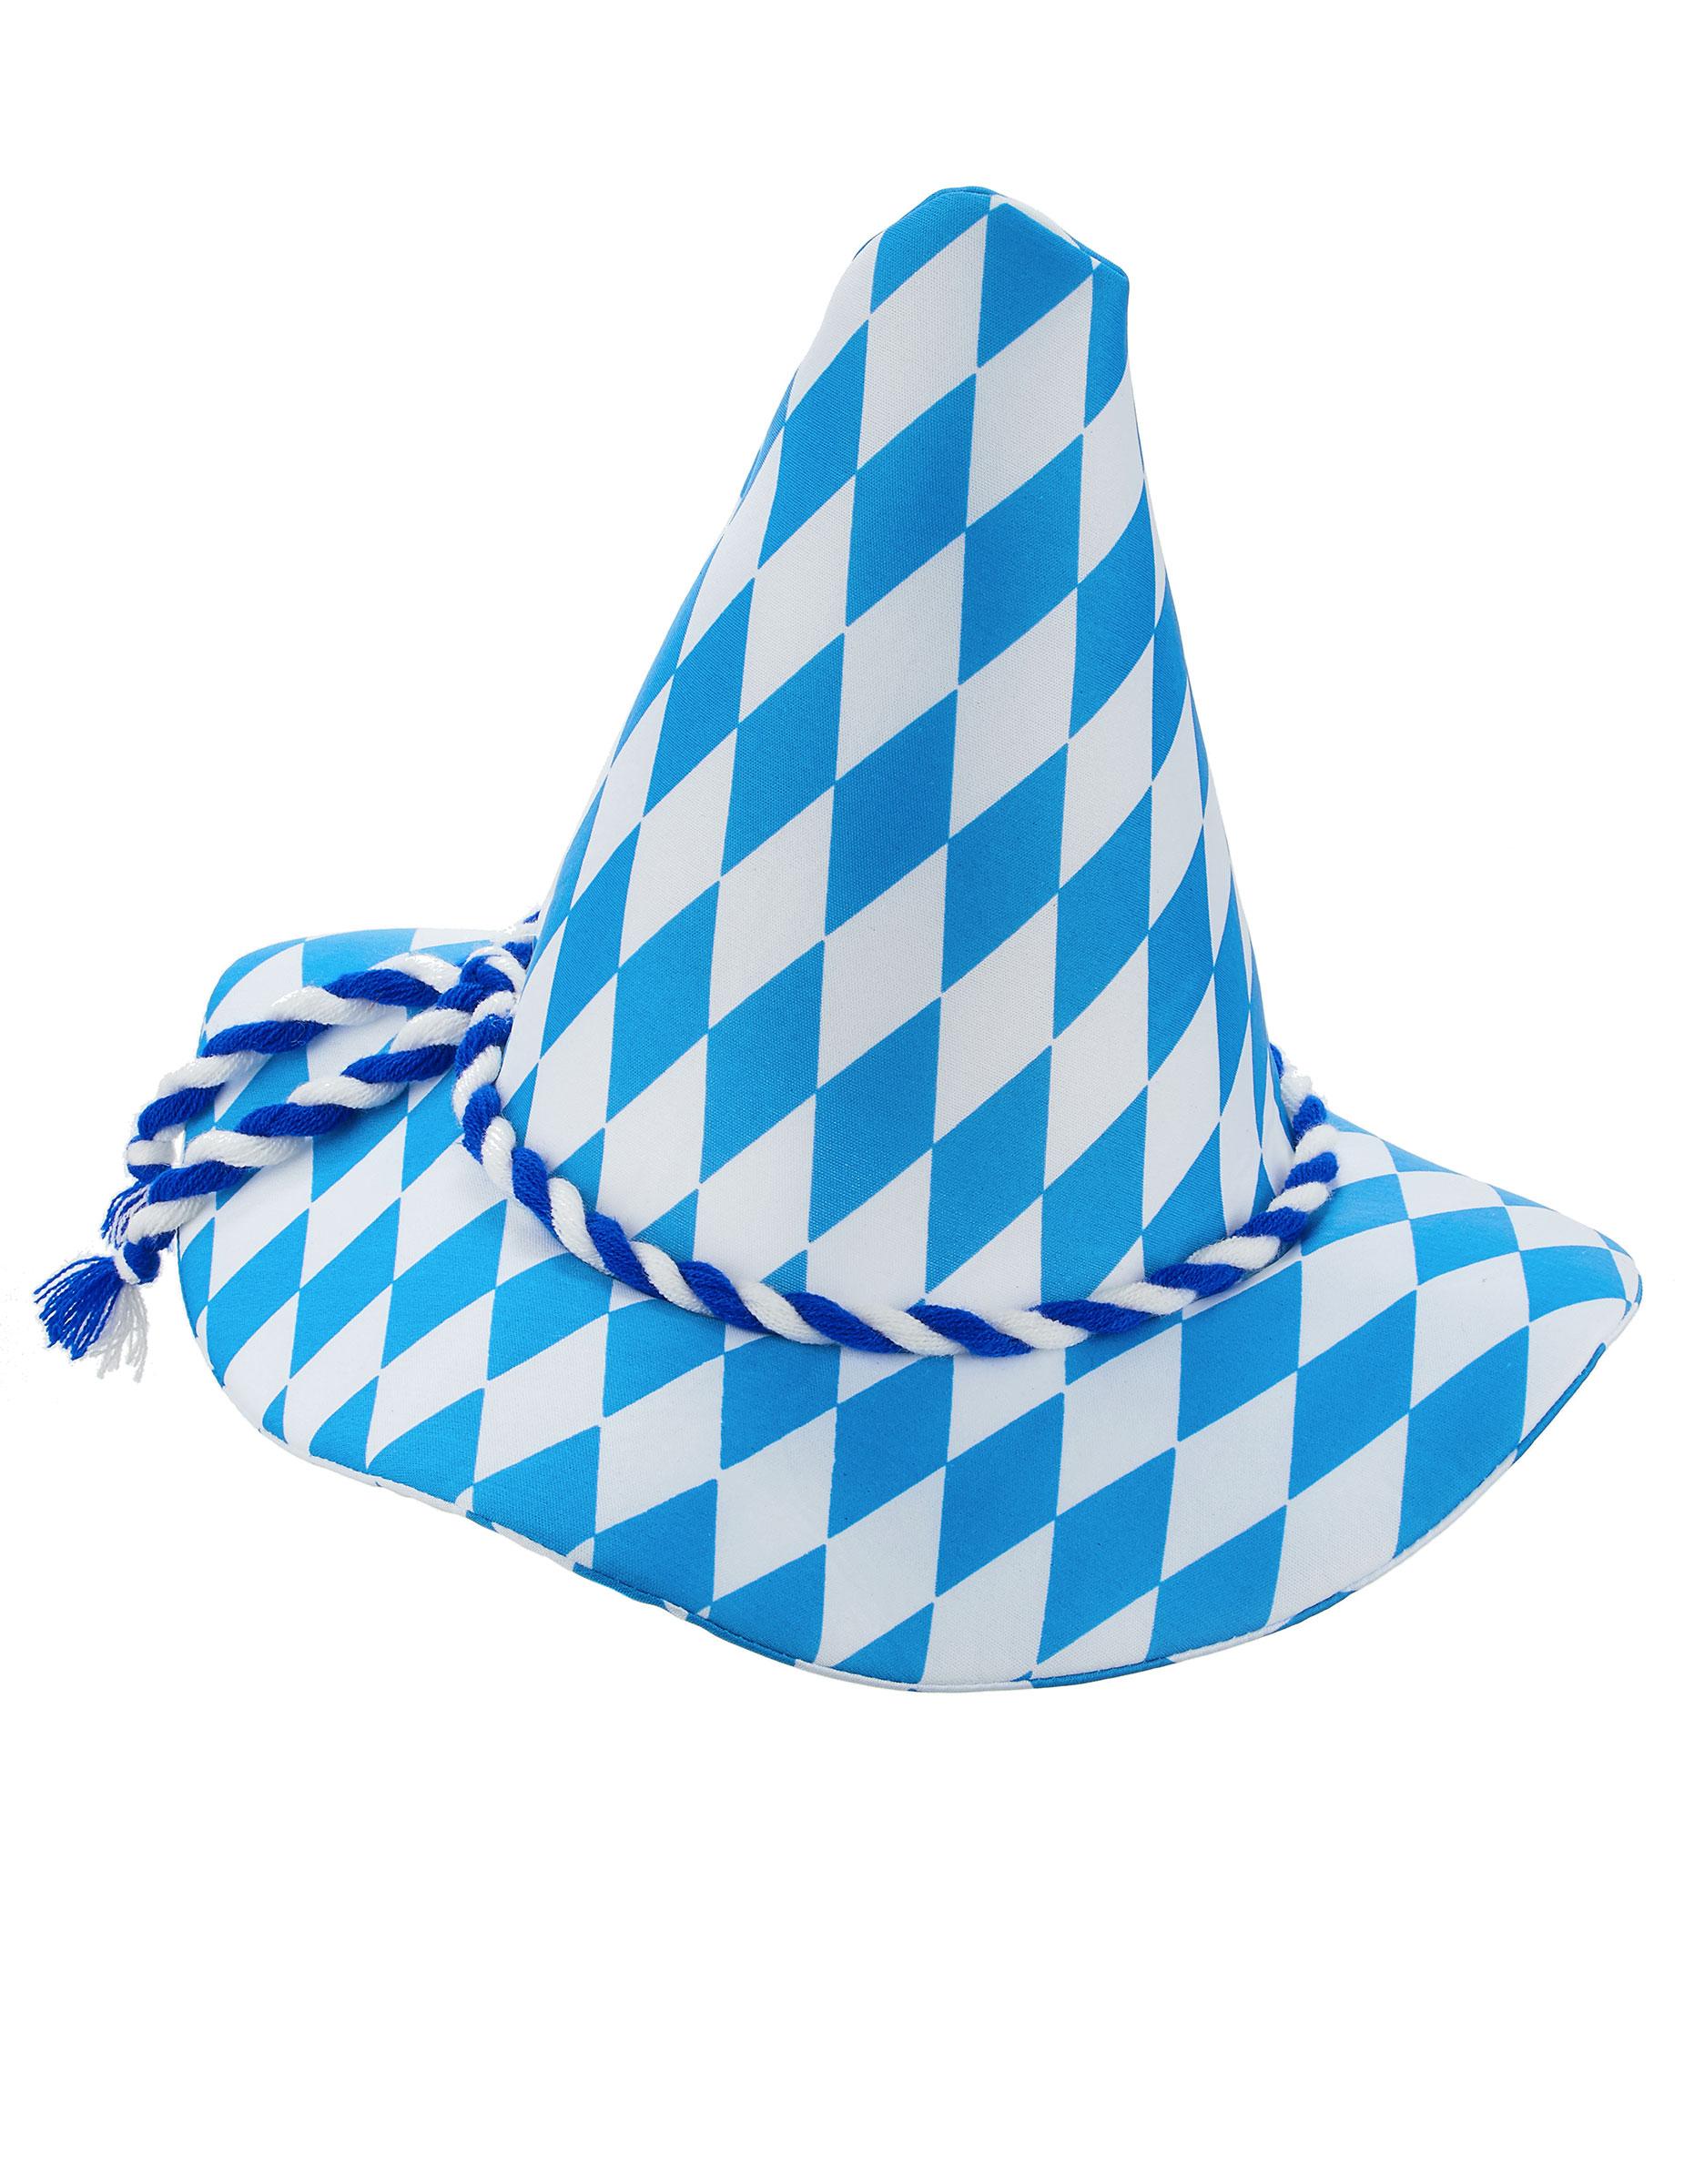 ca3a0880a4 Cappelli bavaresi per l'oktoberfest, feste a tema e carnevale ...